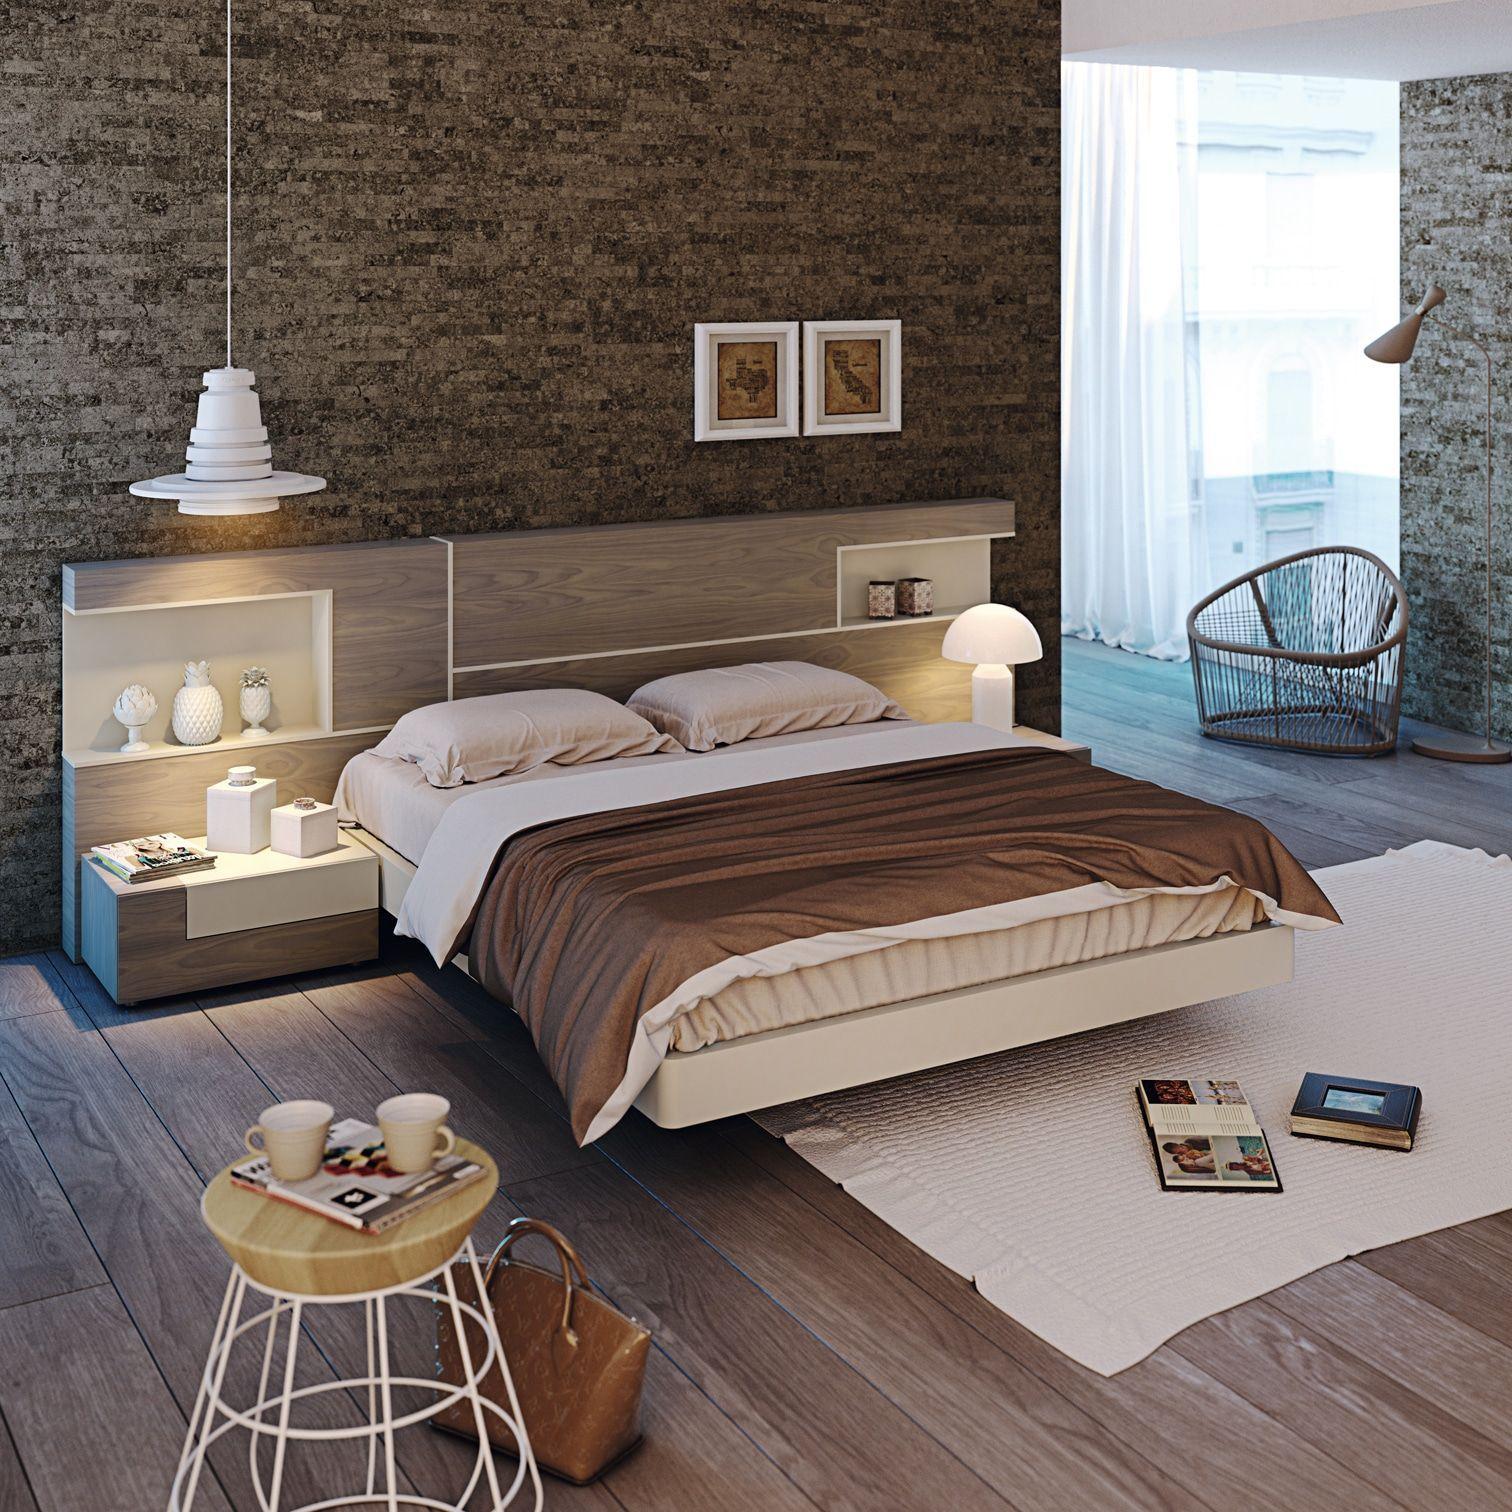 Dormitorio life 03 bautista muebles y decoraci n for Bautista muebles y decoracion